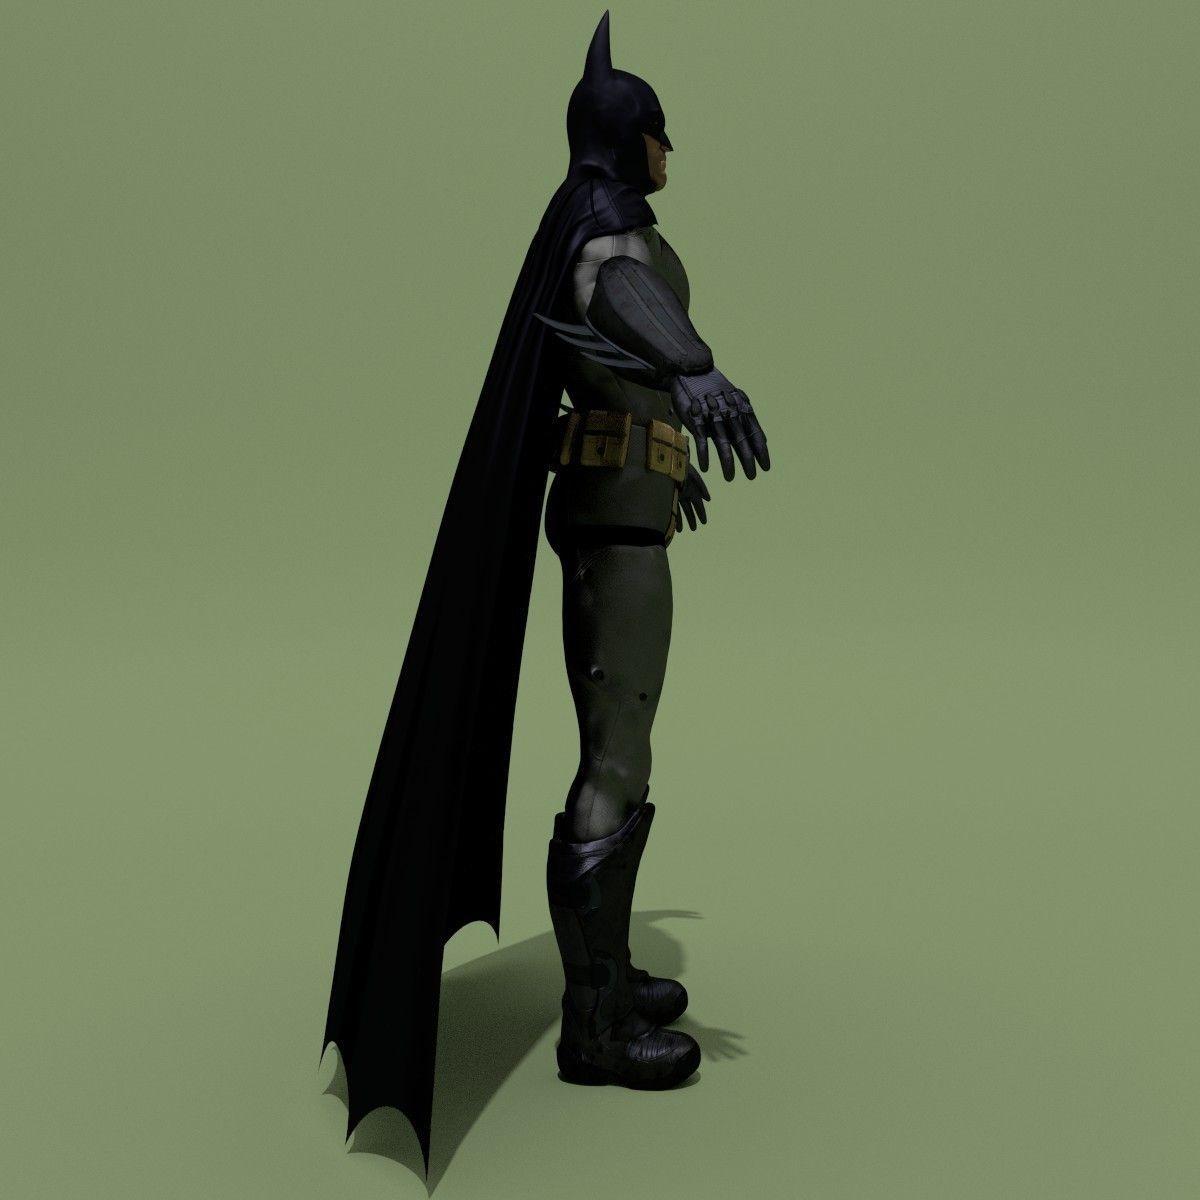 Batman character